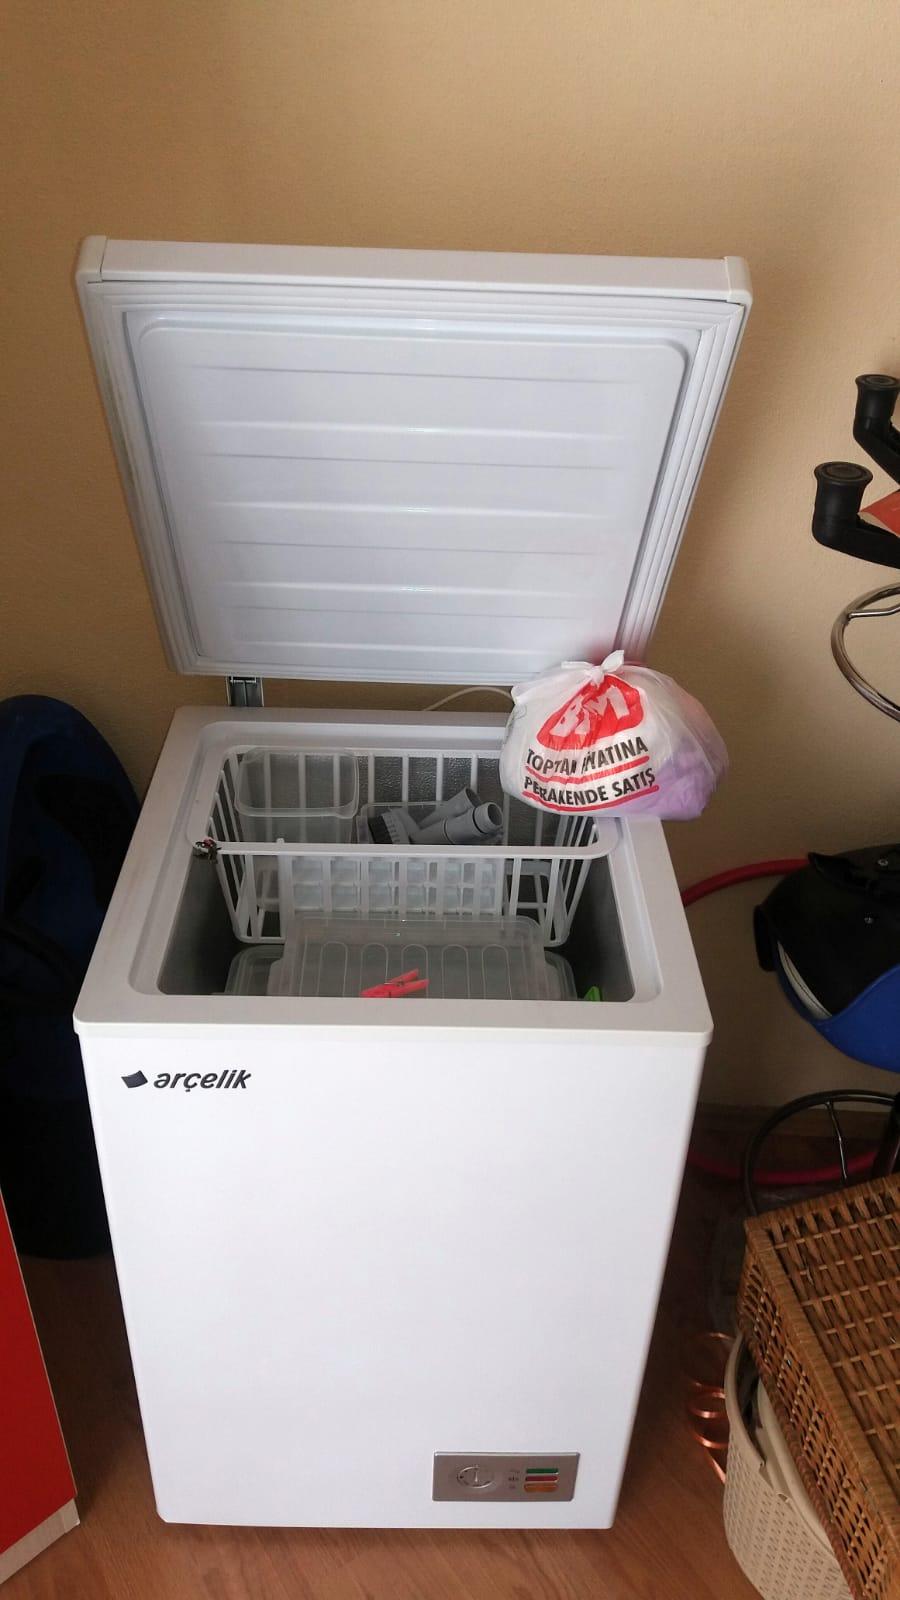 2.el arçelik üstten açmalı derin dondurucu sorunu kusuru yok